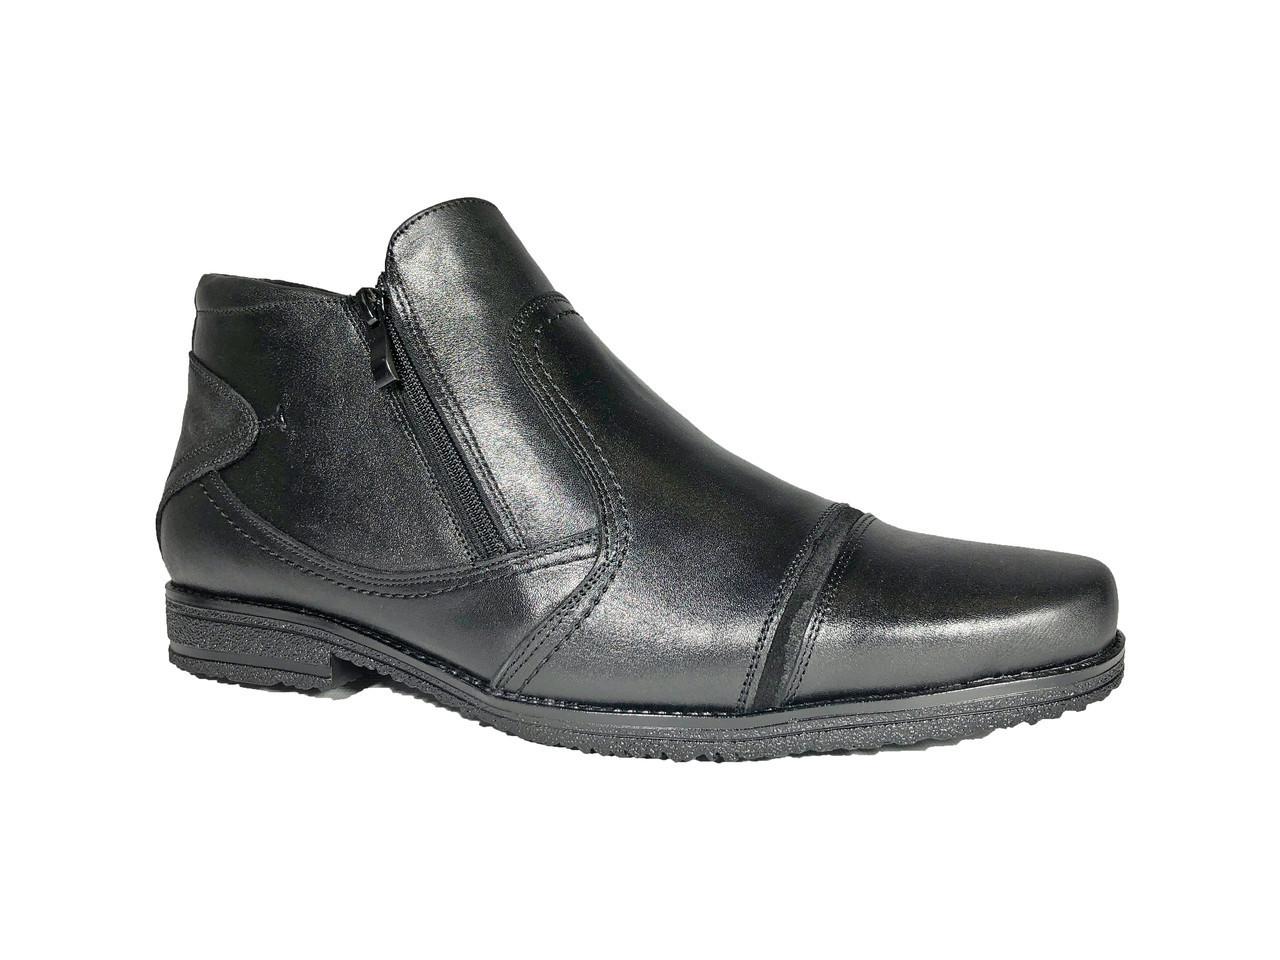 f4d5398b Ботинки мужские 48 размера со змейкой модель Б-38 - BigBoss-производитель мужской  обуви